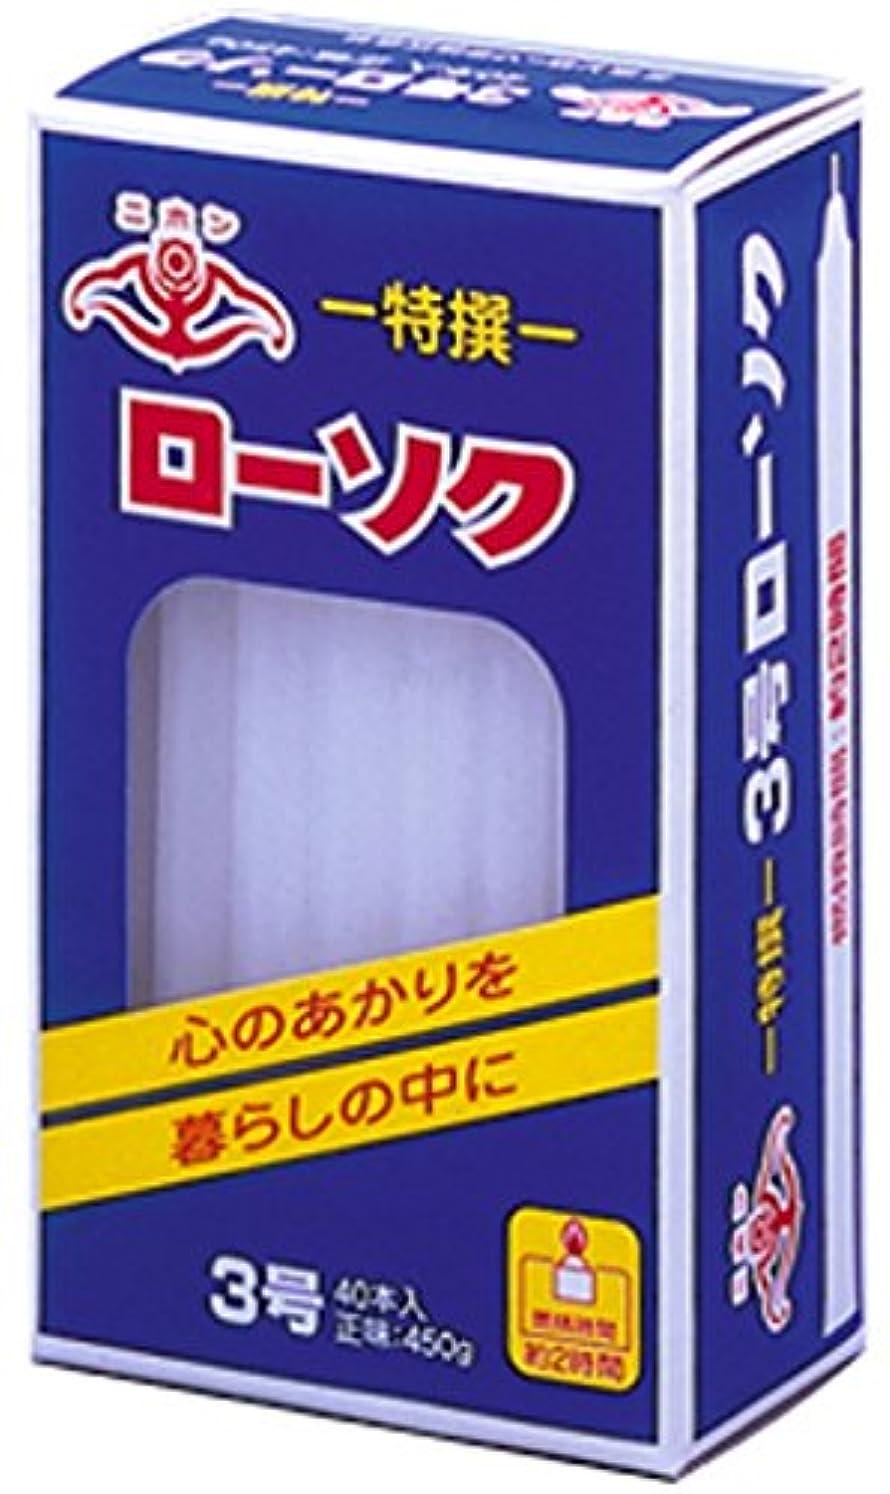 ドラッグ鼻汚物ニホンローソク 大3号 450g